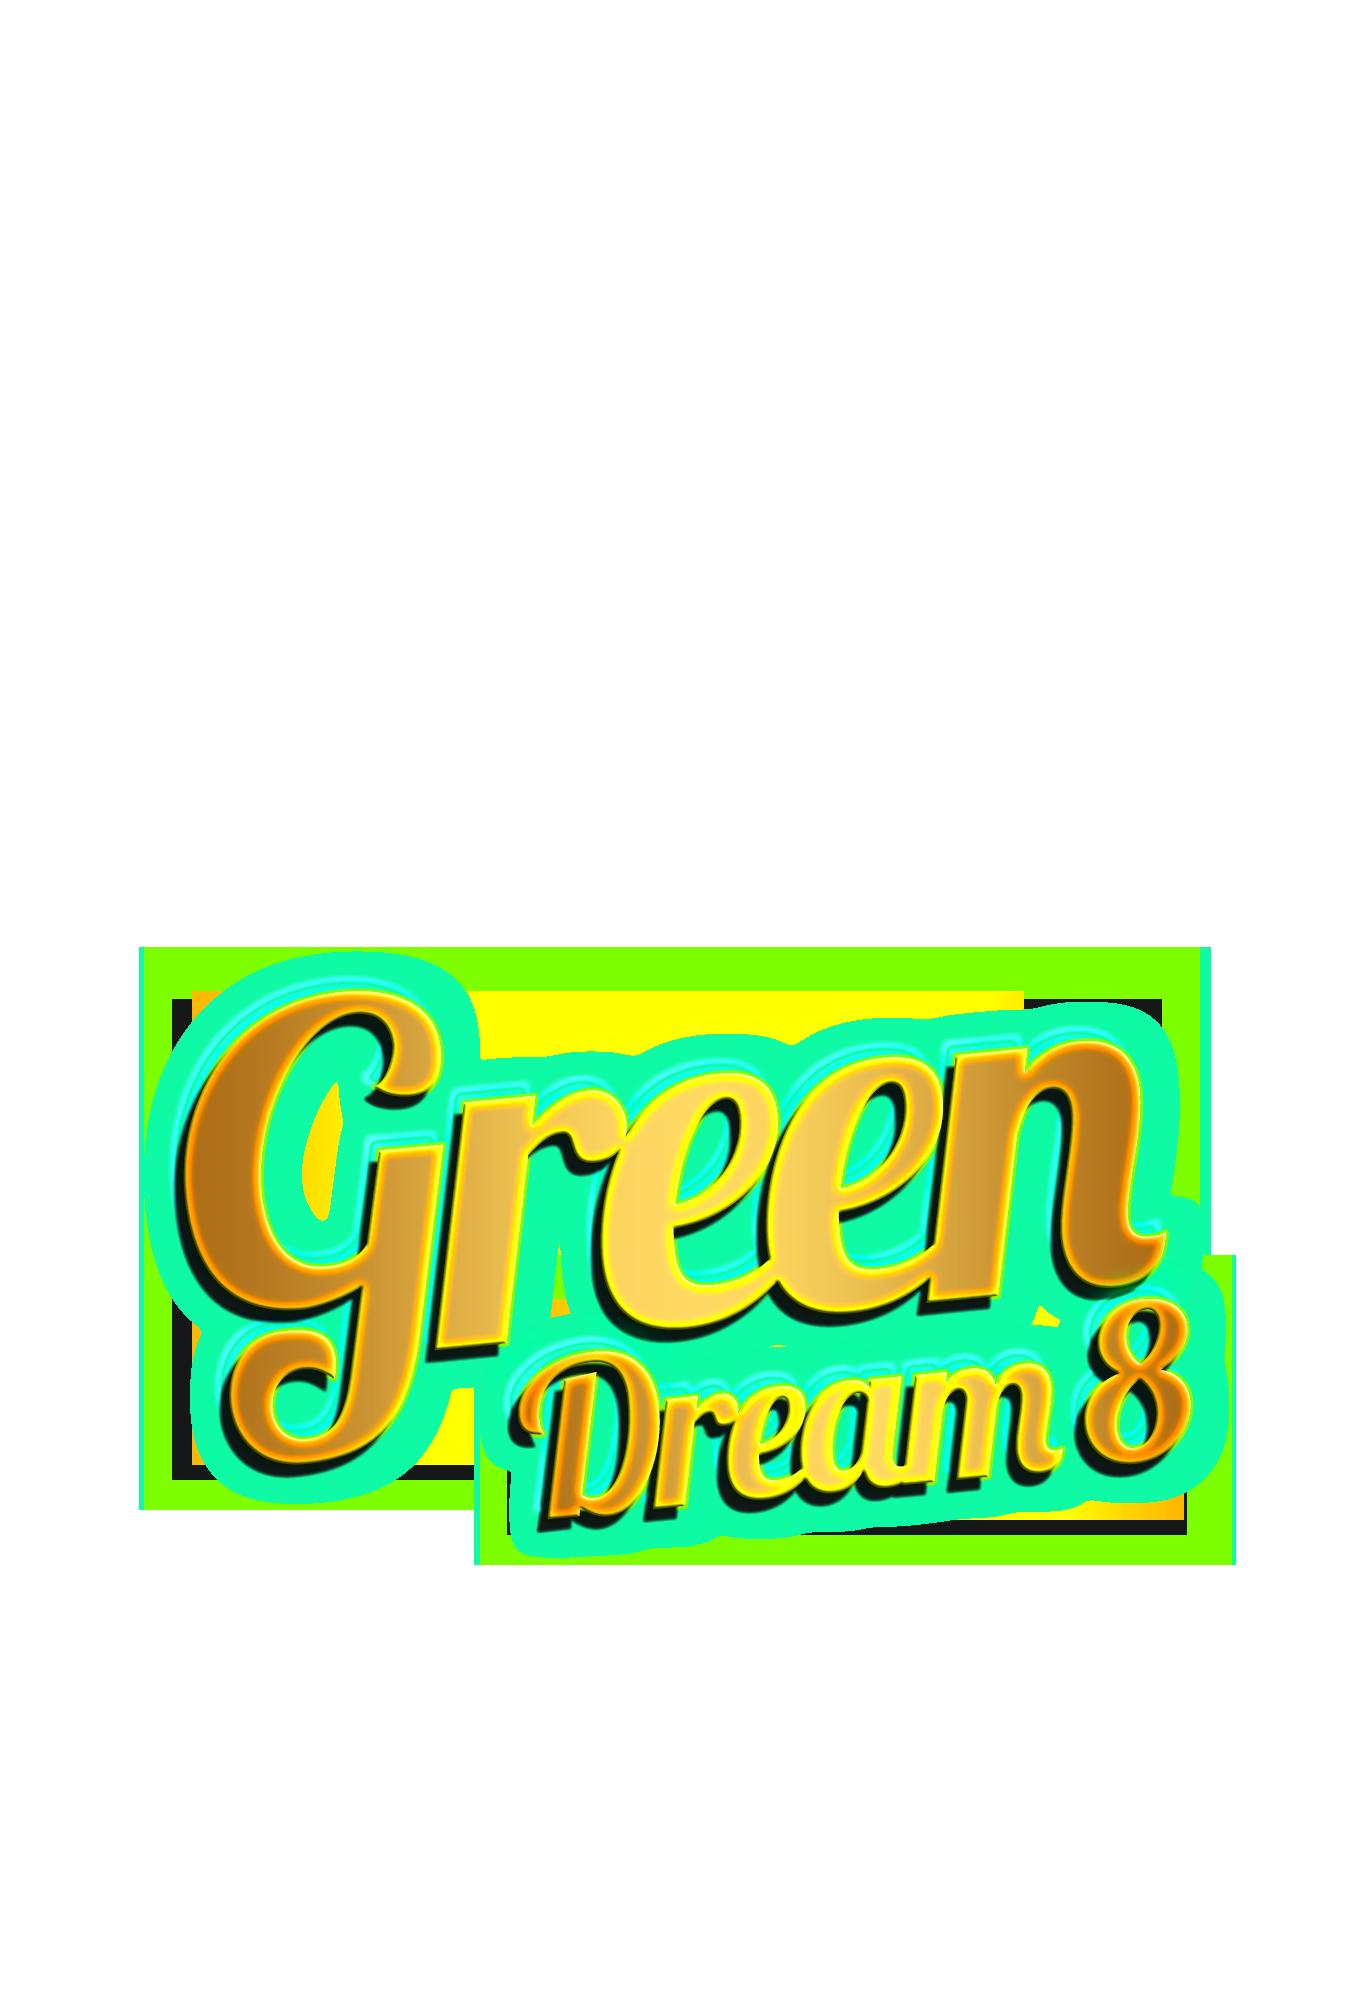 GreenDream8.png